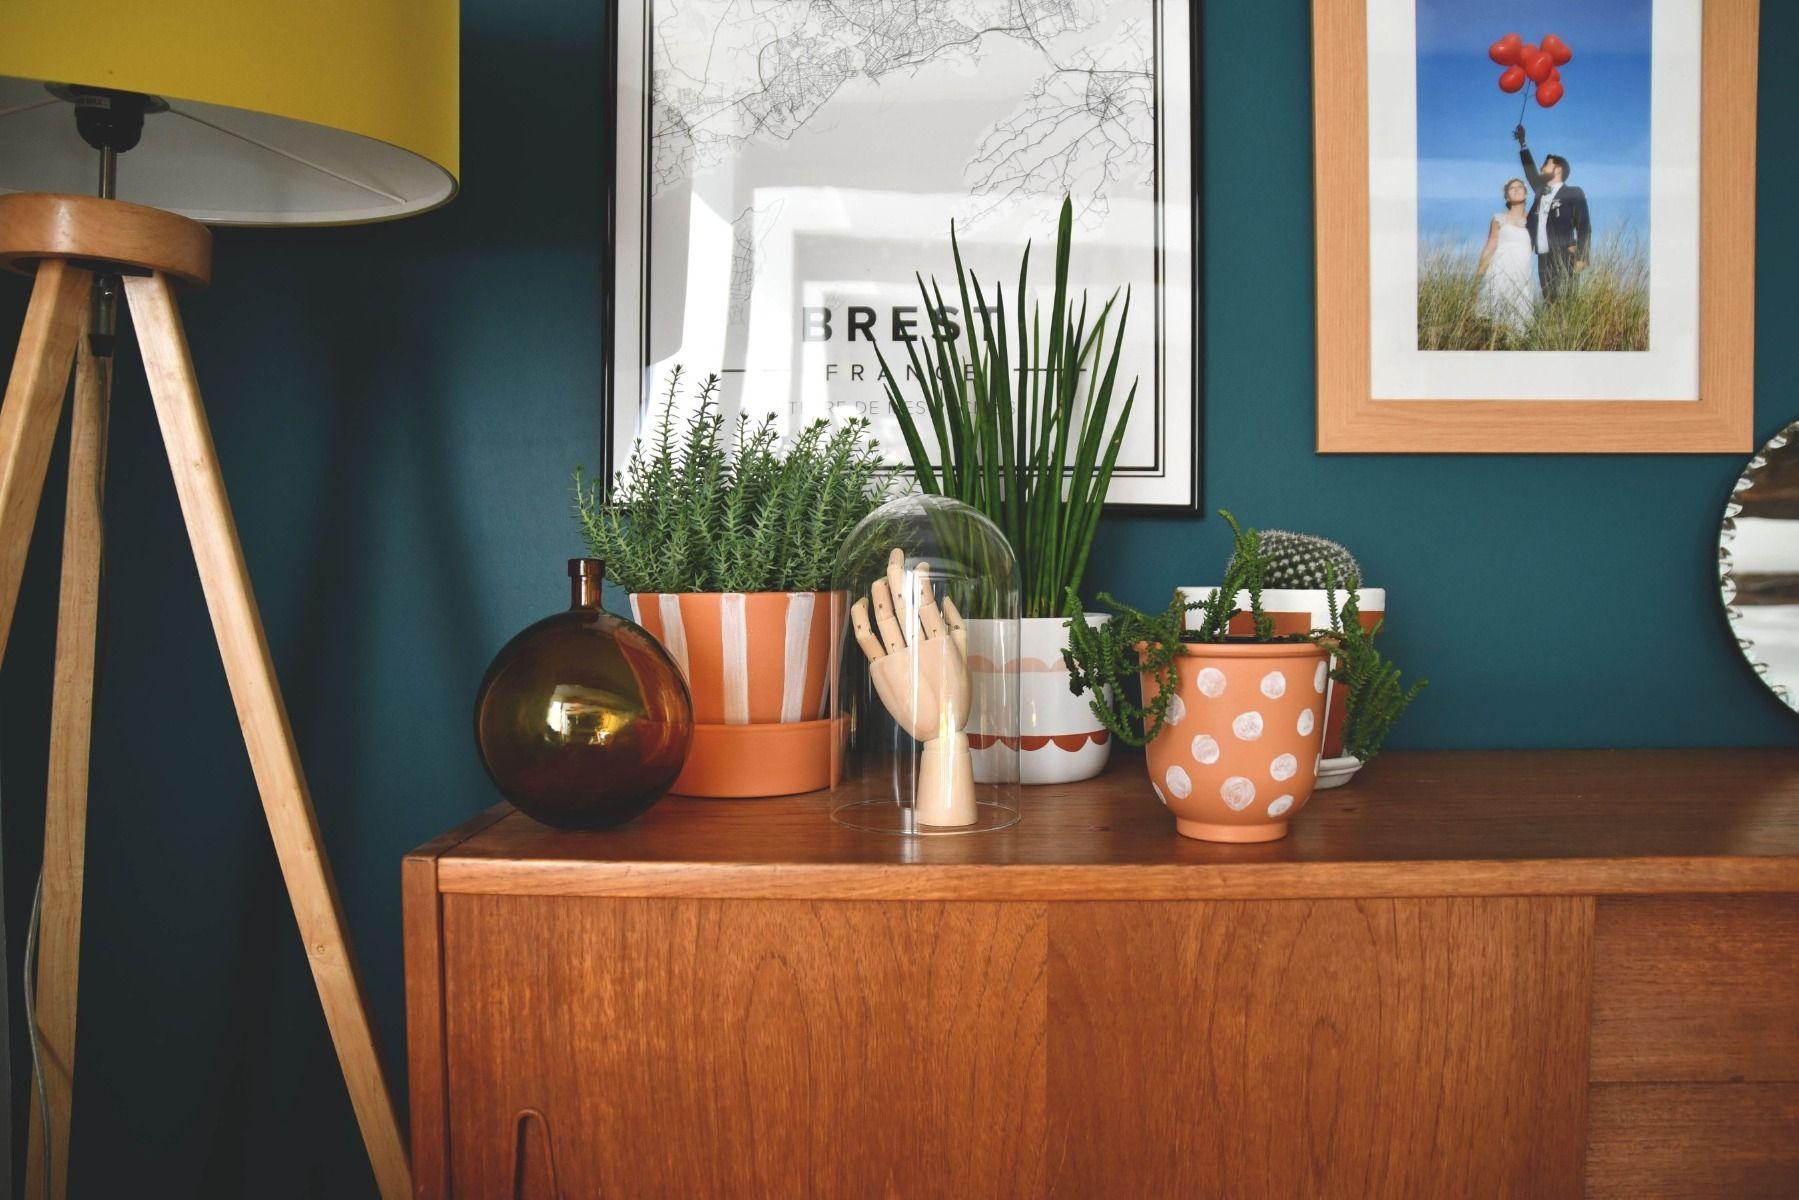 Comment Arroser Mes Plantes Pendant Les Vacances 10 plantes d'intérieur facile à cultiver